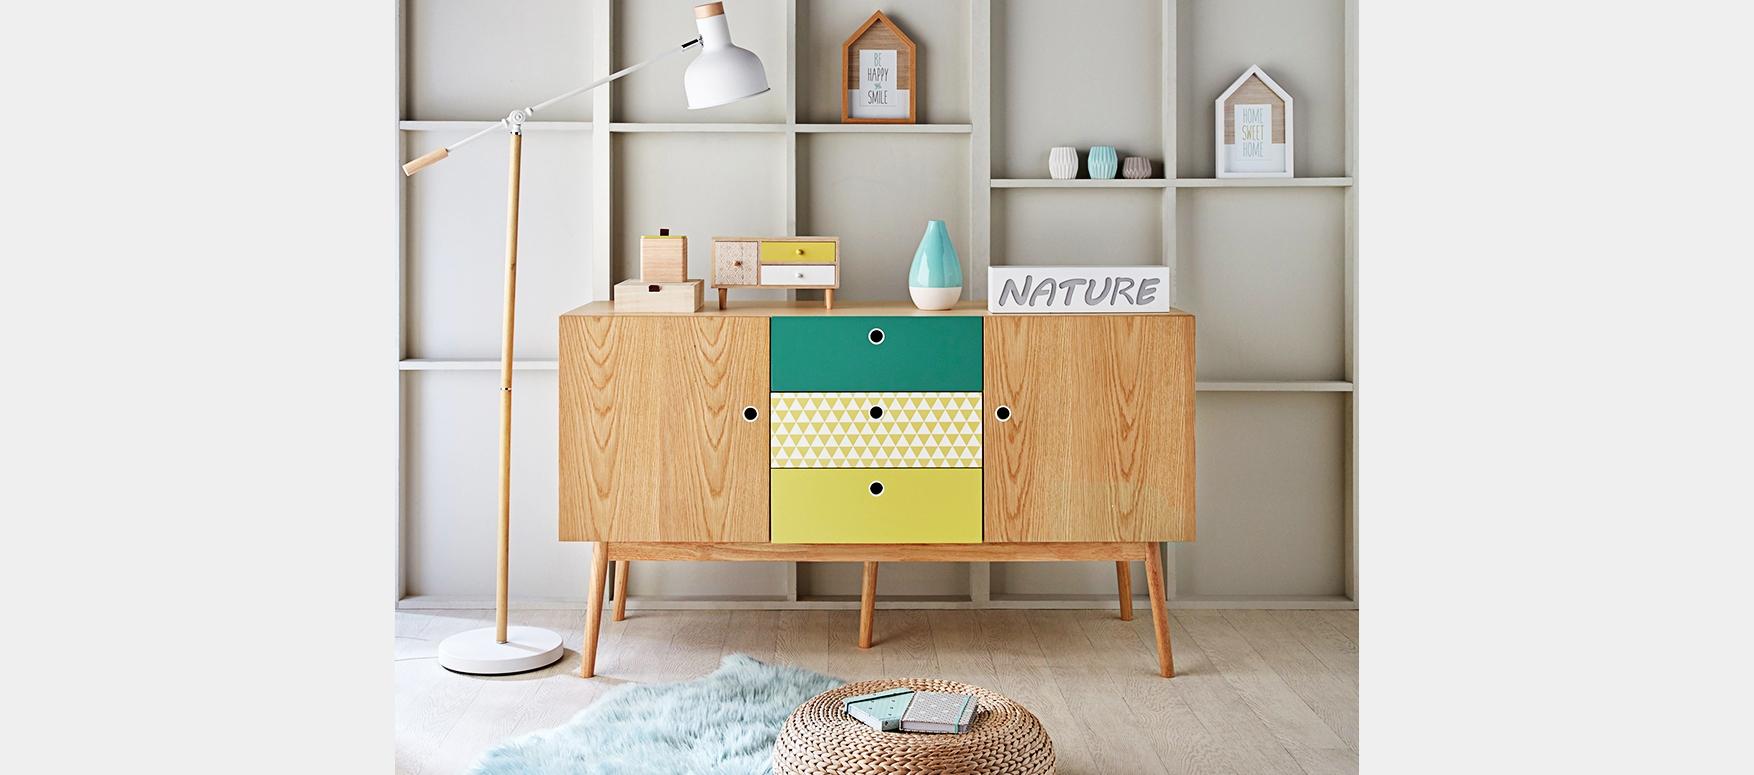 lit estrade 2 places lit sous estrade with chambre with lit estrade 2 places elegant lit. Black Bedroom Furniture Sets. Home Design Ideas